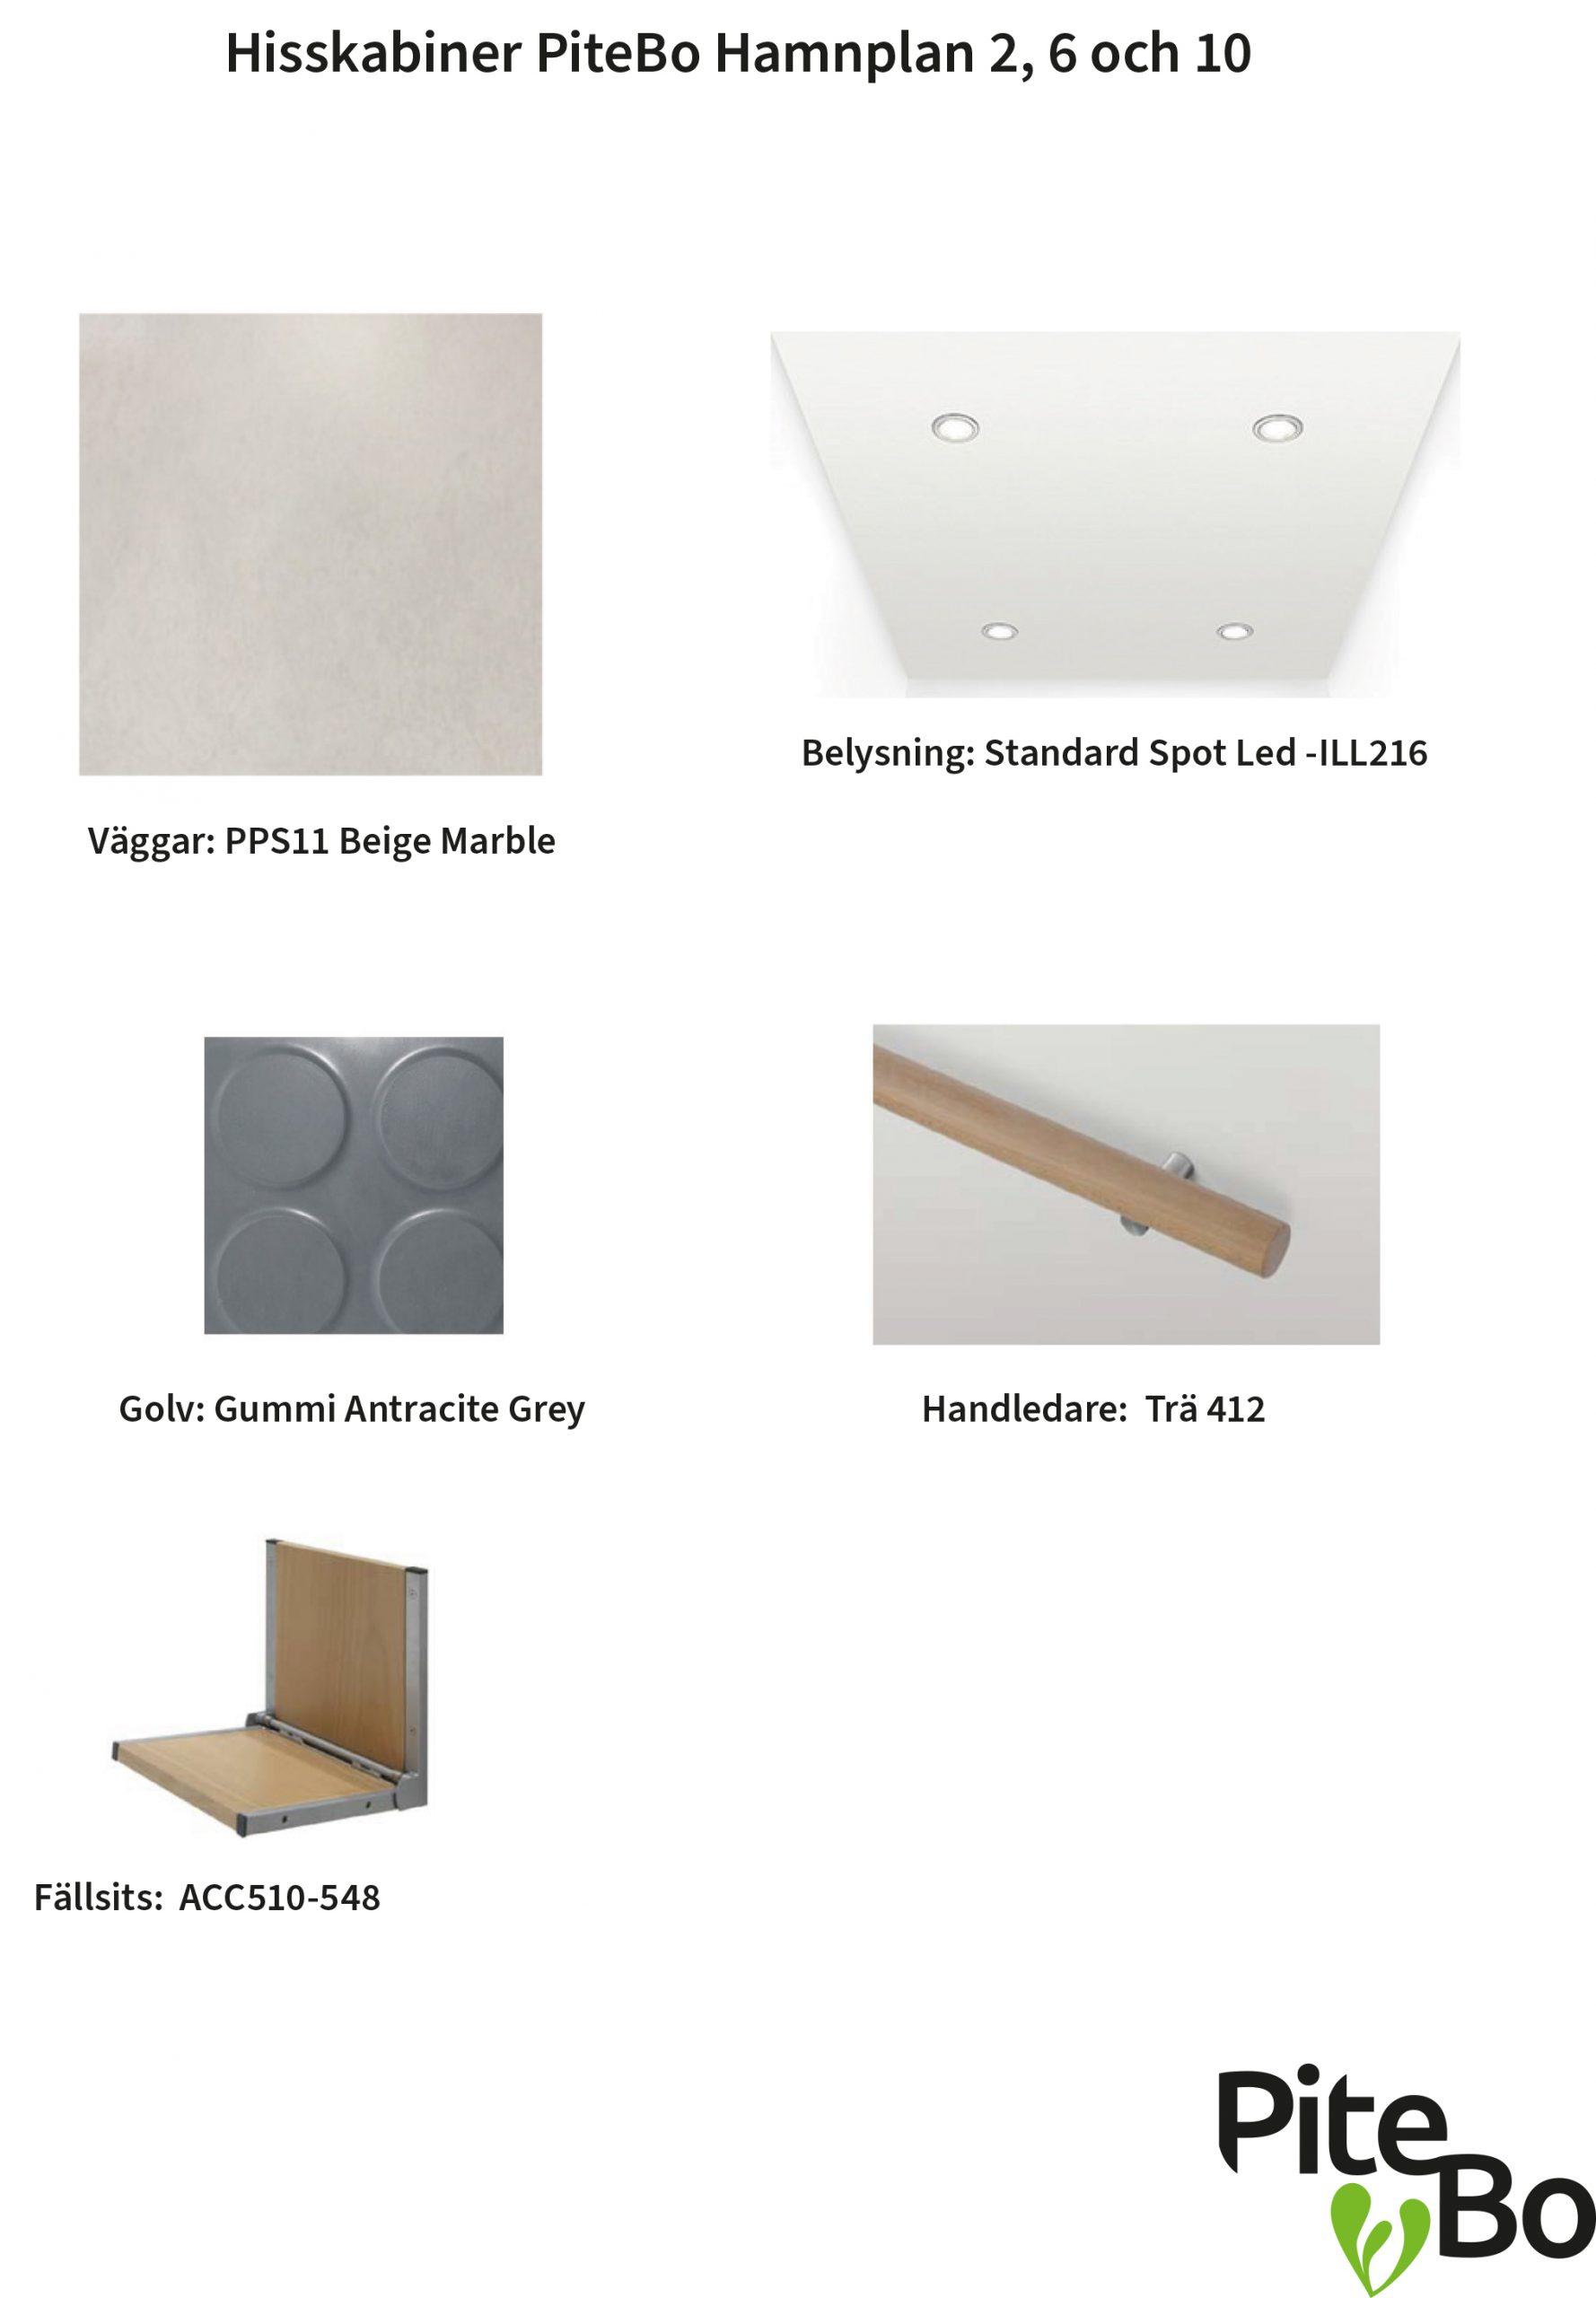 Materialförslag hisskabiner Hamnplan 2, 6 och 10